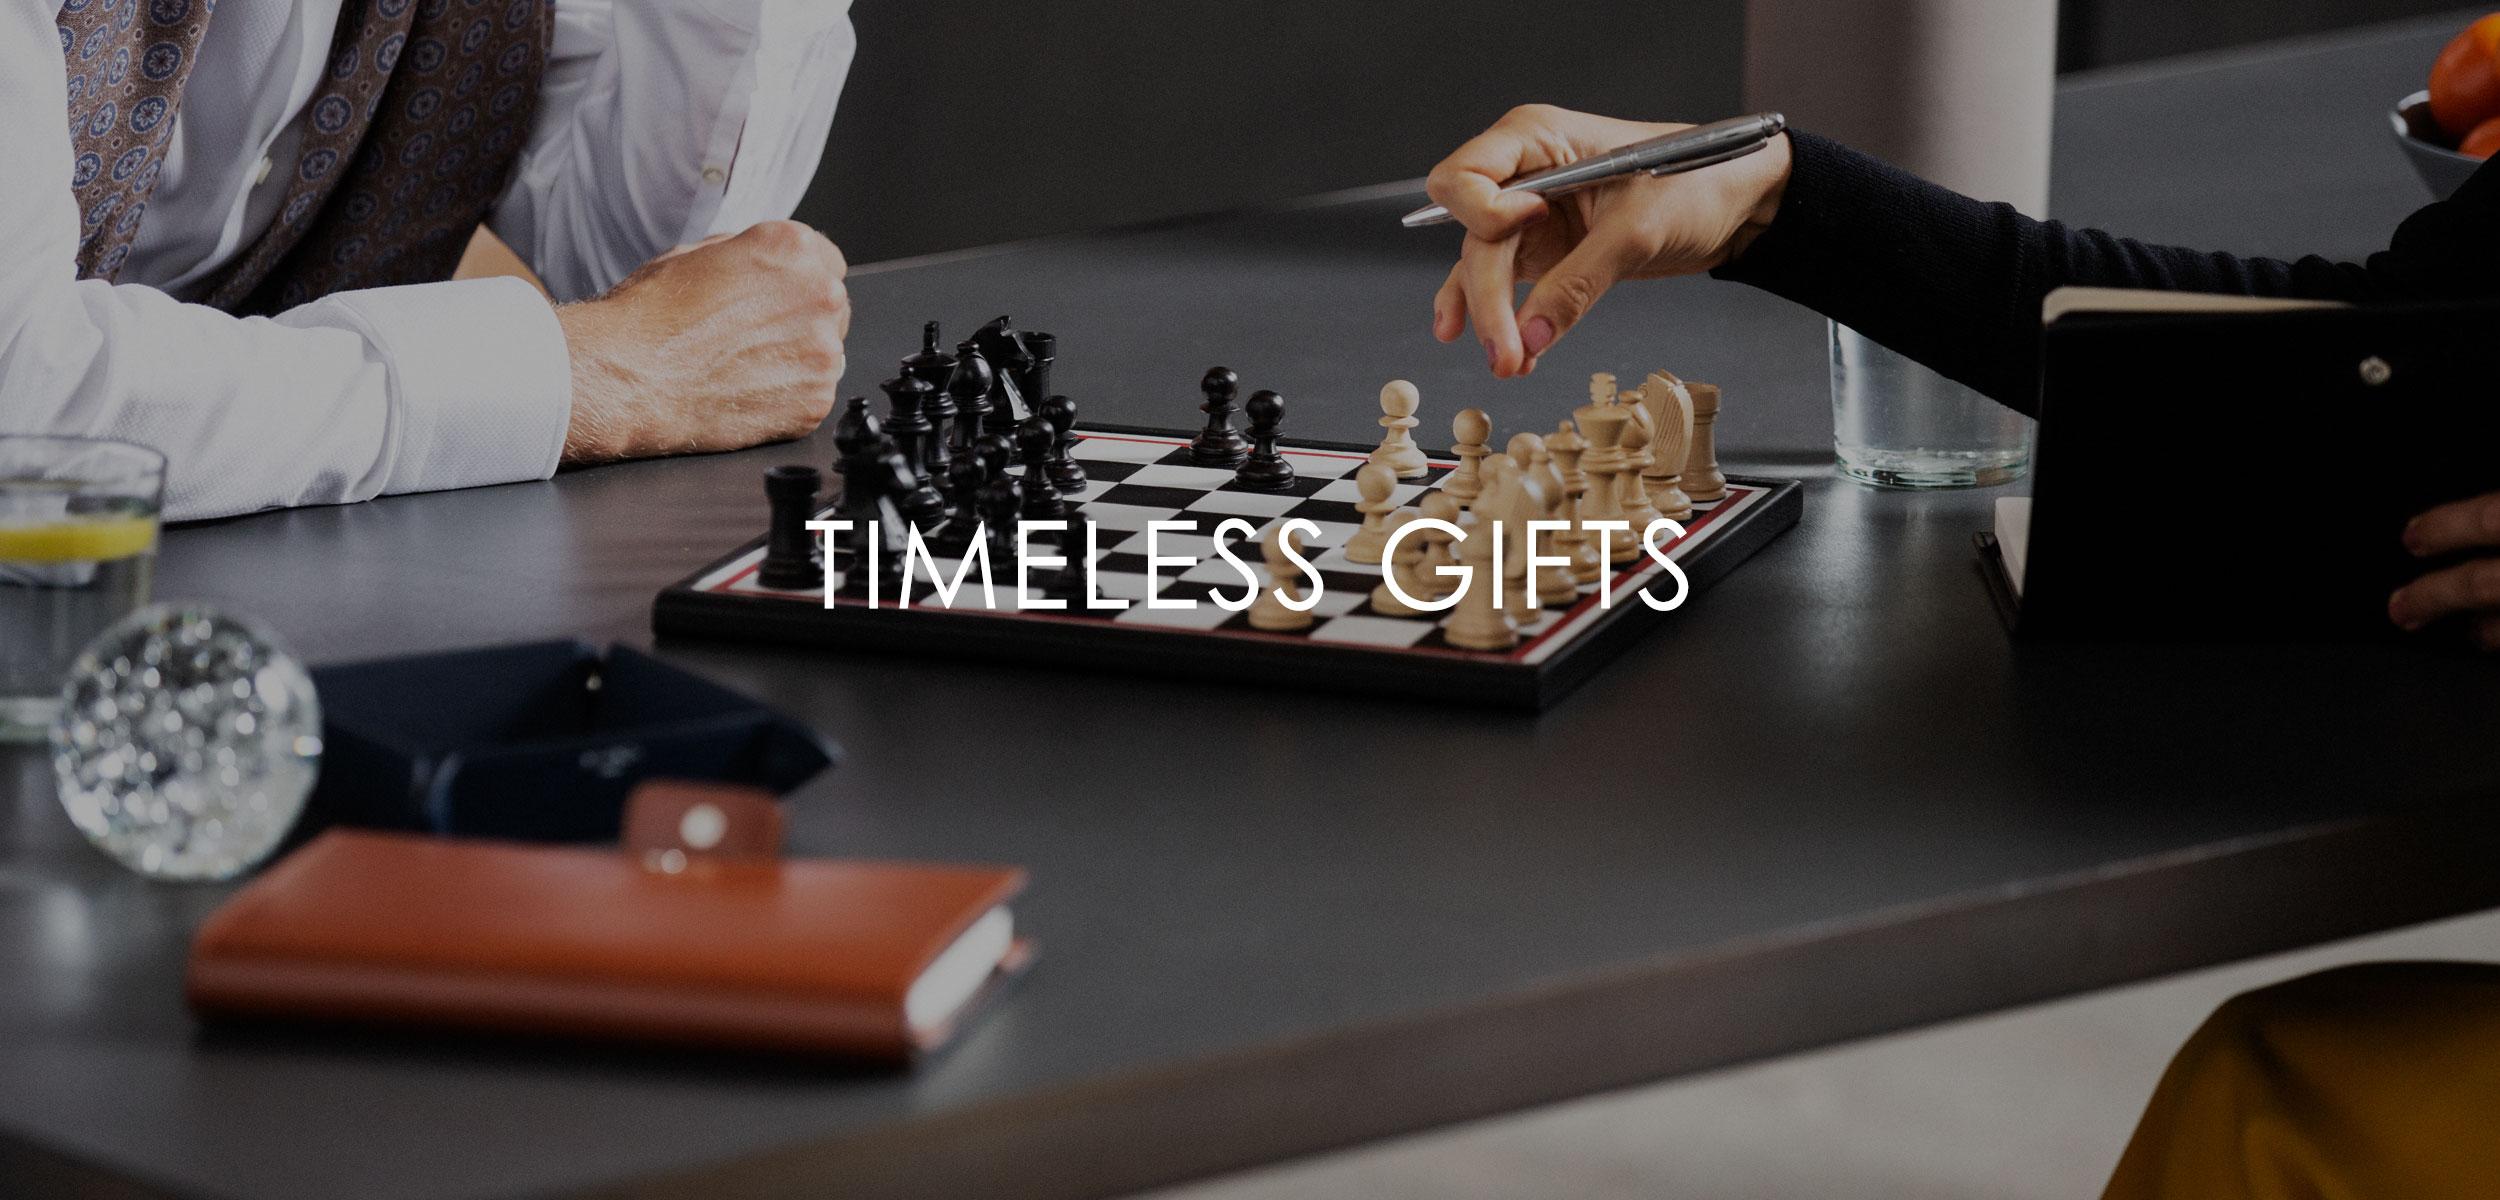 Slide-2-Timeless-gifts.jpg